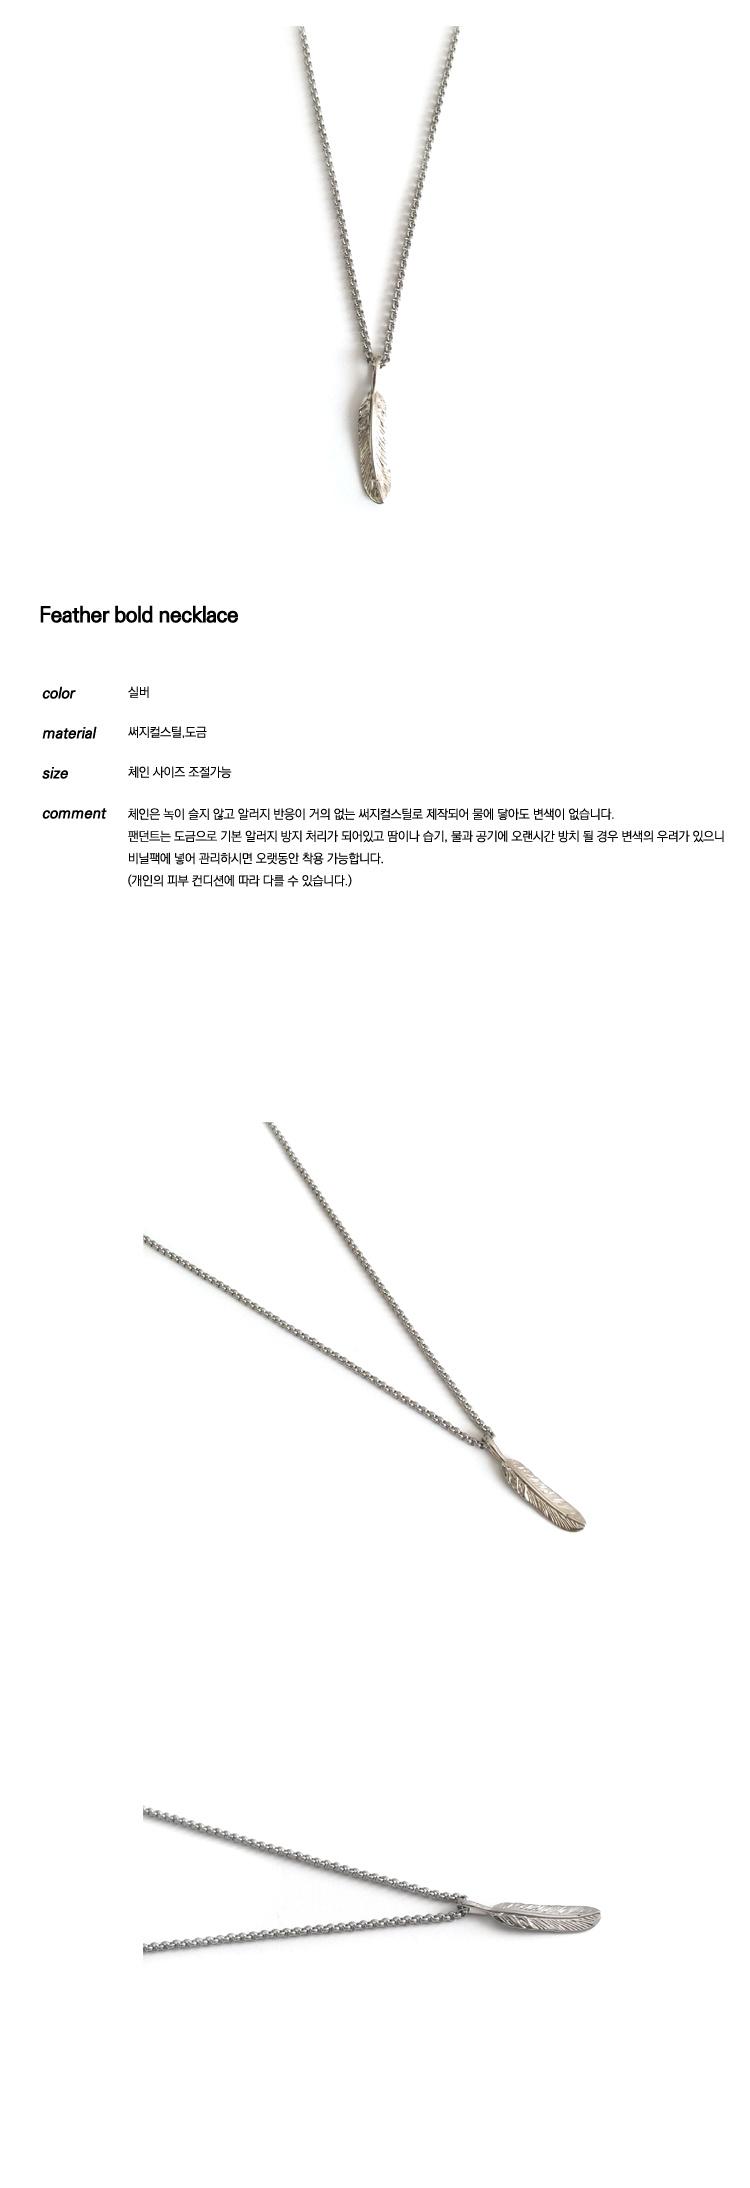 셉텐벌5(SEPTEMBER5) Feather bold necklace